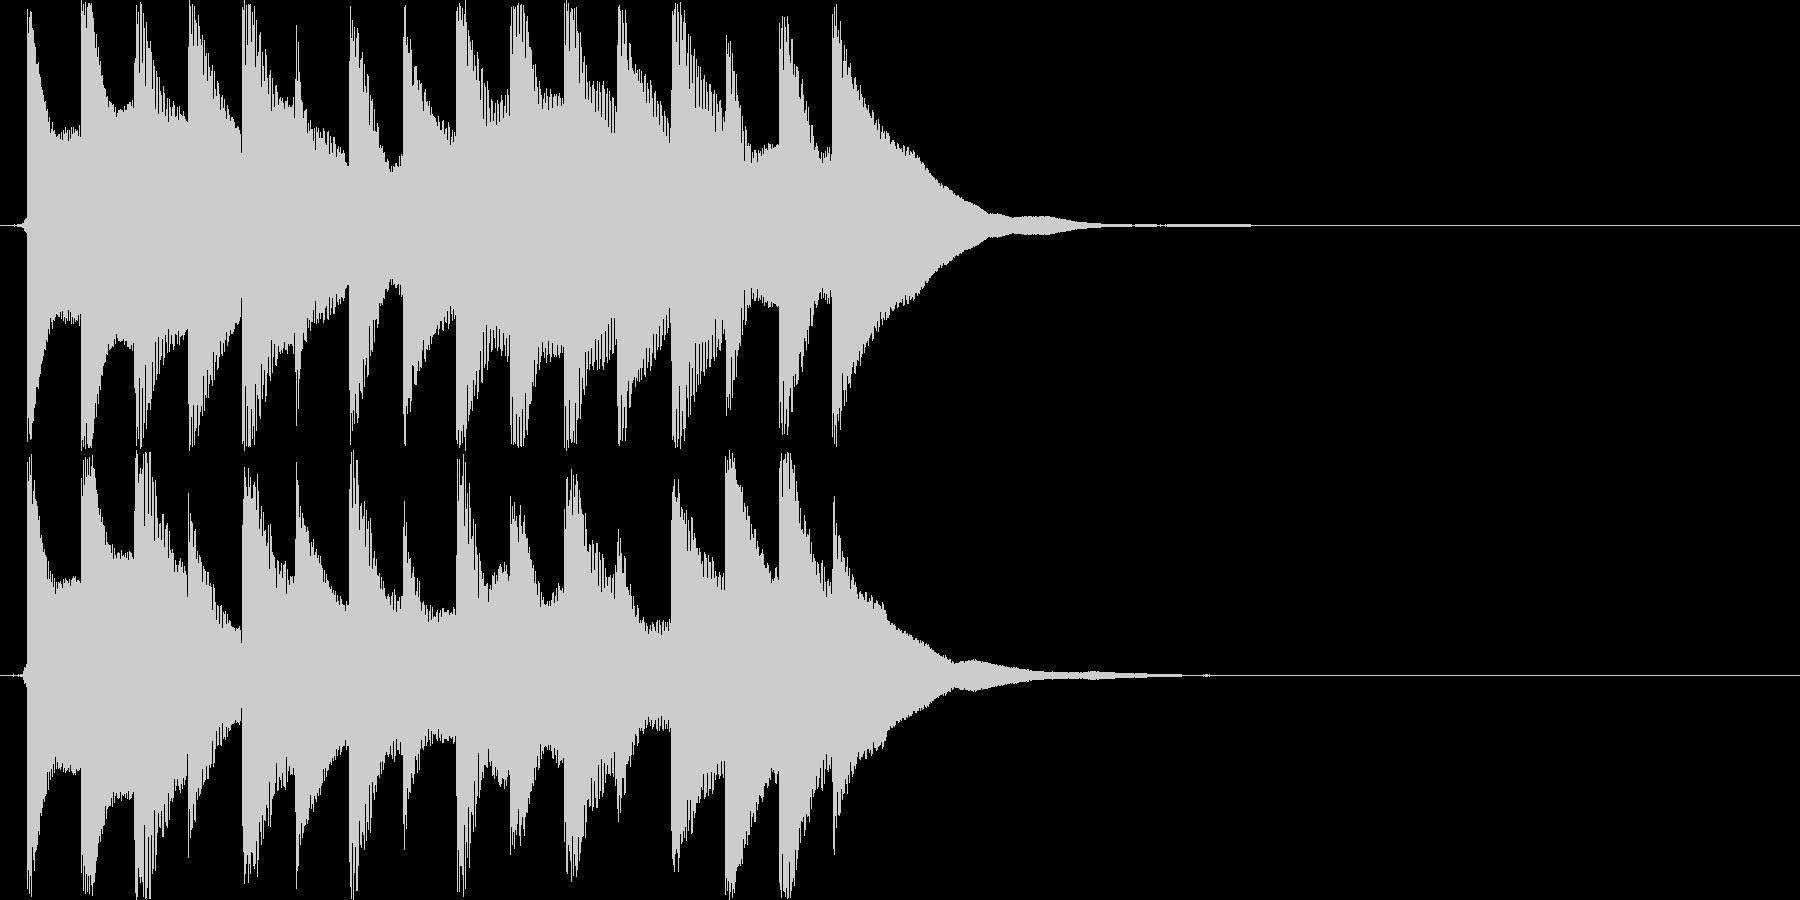 ピロピロピロピロ(伏せ音、自主規制)の未再生の波形